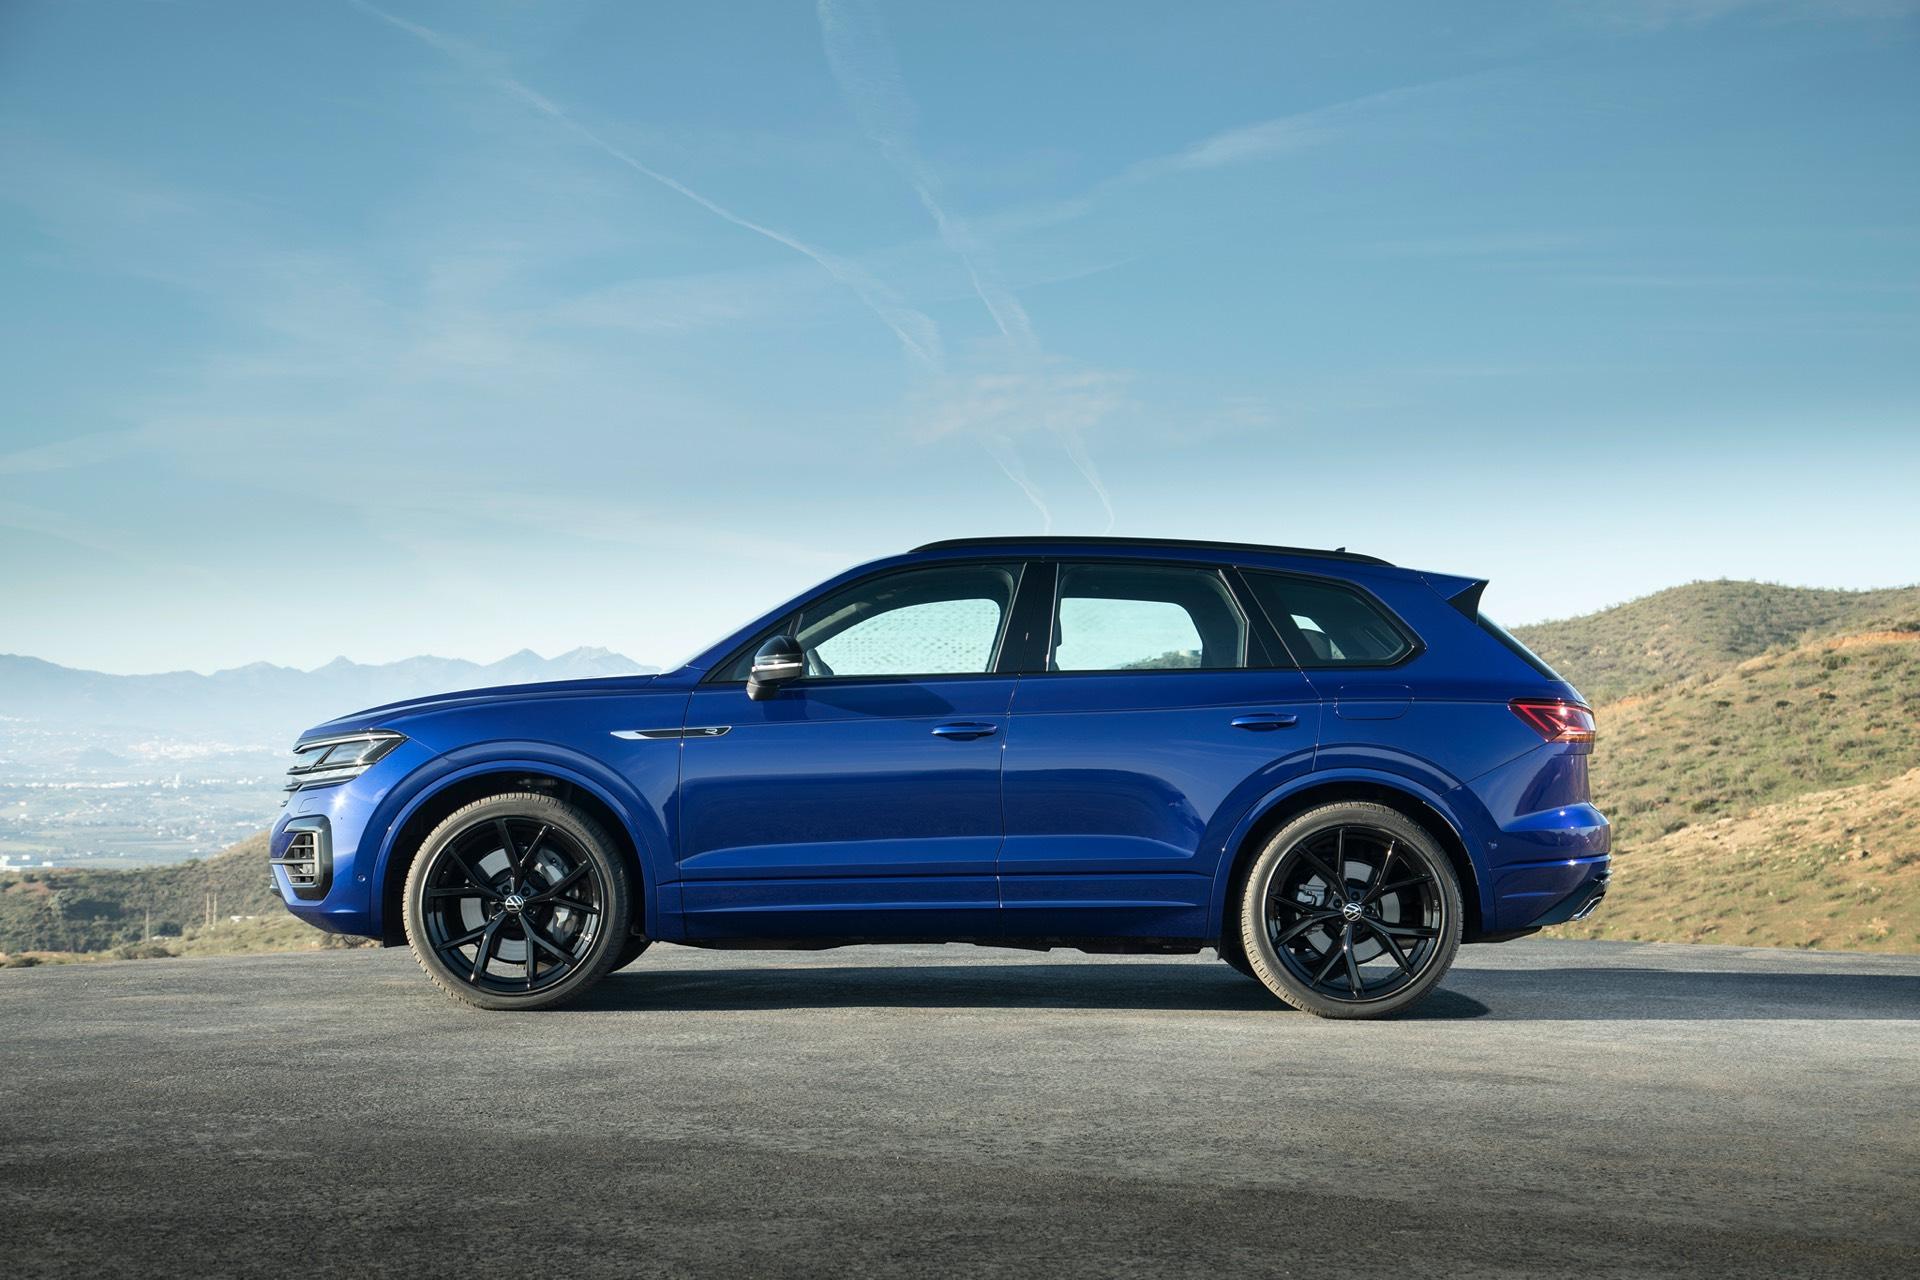 Volkswagen Toureg R Premieres With Hybrid Technology